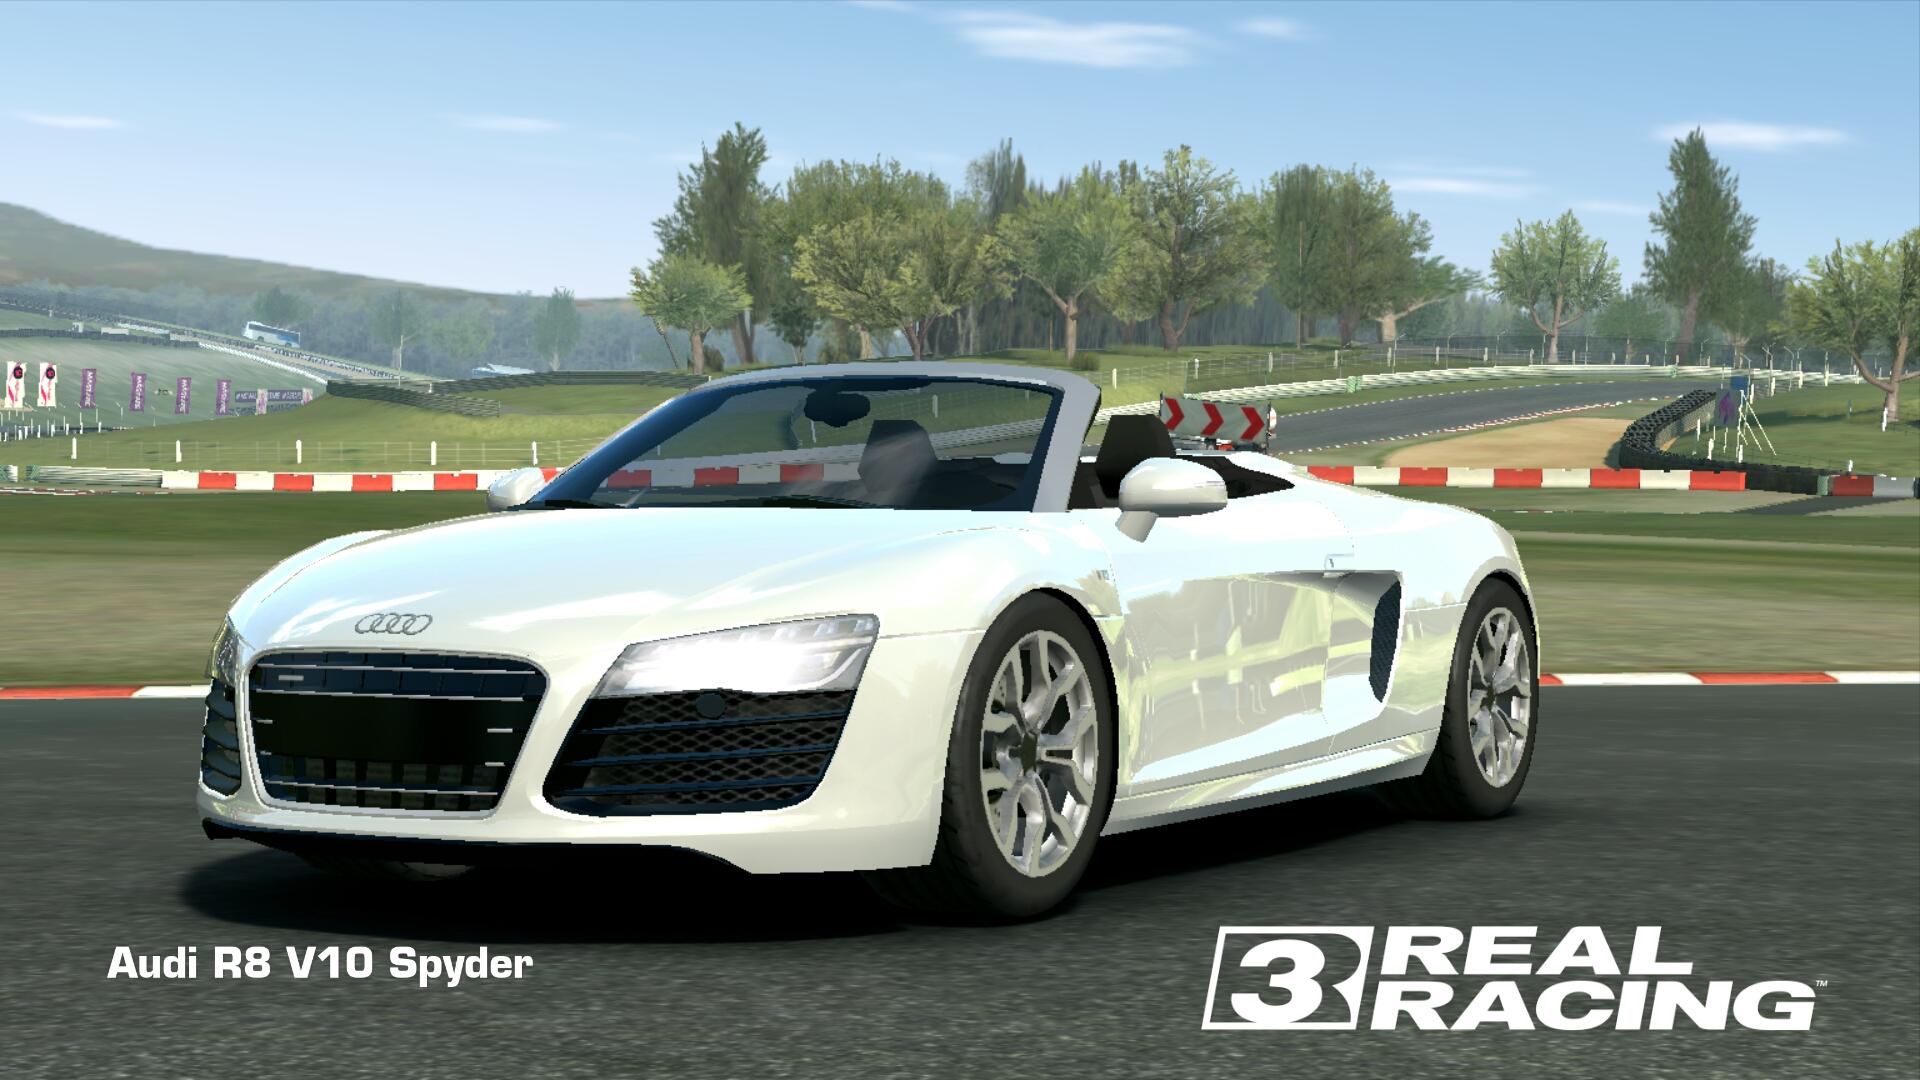 Showcase Audi R8 V10 Spyder